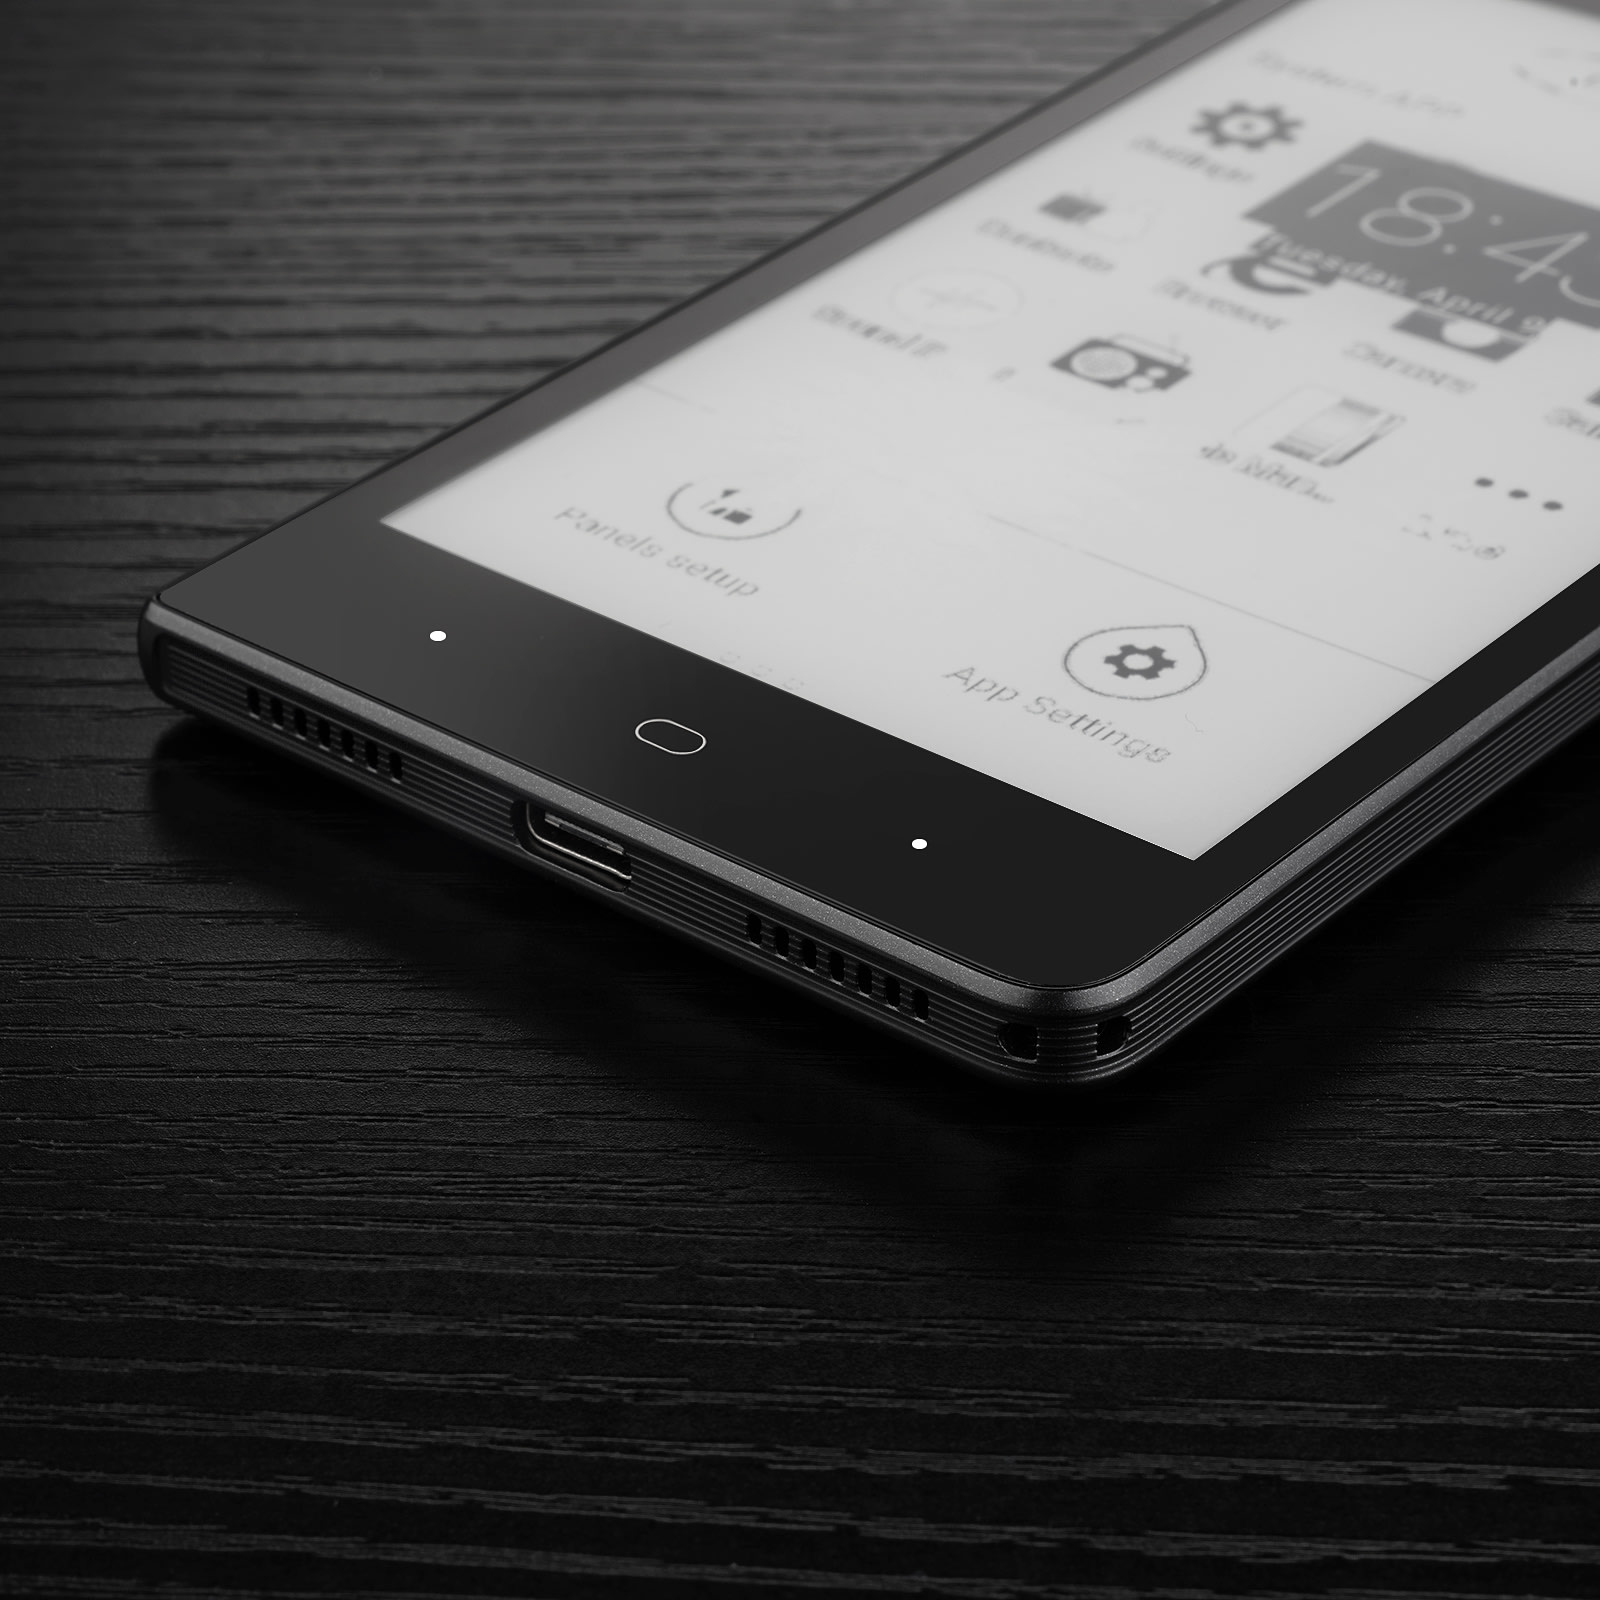 E-papierowe smartfony to jeden z największych trendów 2019 roku - www.naczytniku.pl